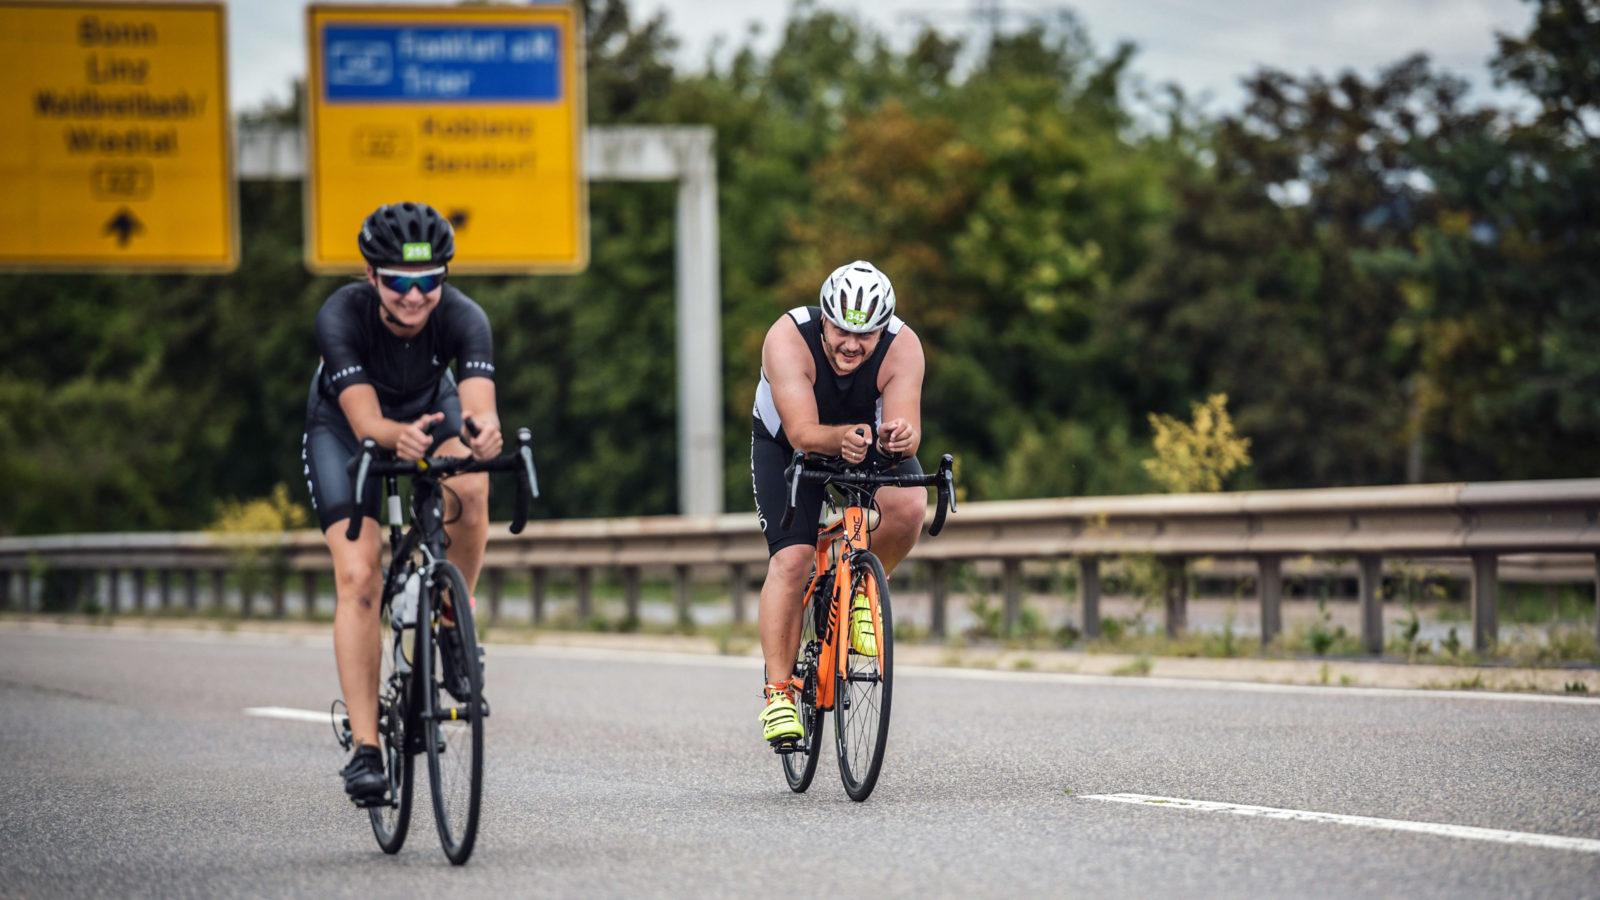 Der Neuwieder Raiffeisentriathlon 2019 war der erste Triathlon für Sebastian Schmidt und die TSG Irlich. Fotograf: Sportograf.com